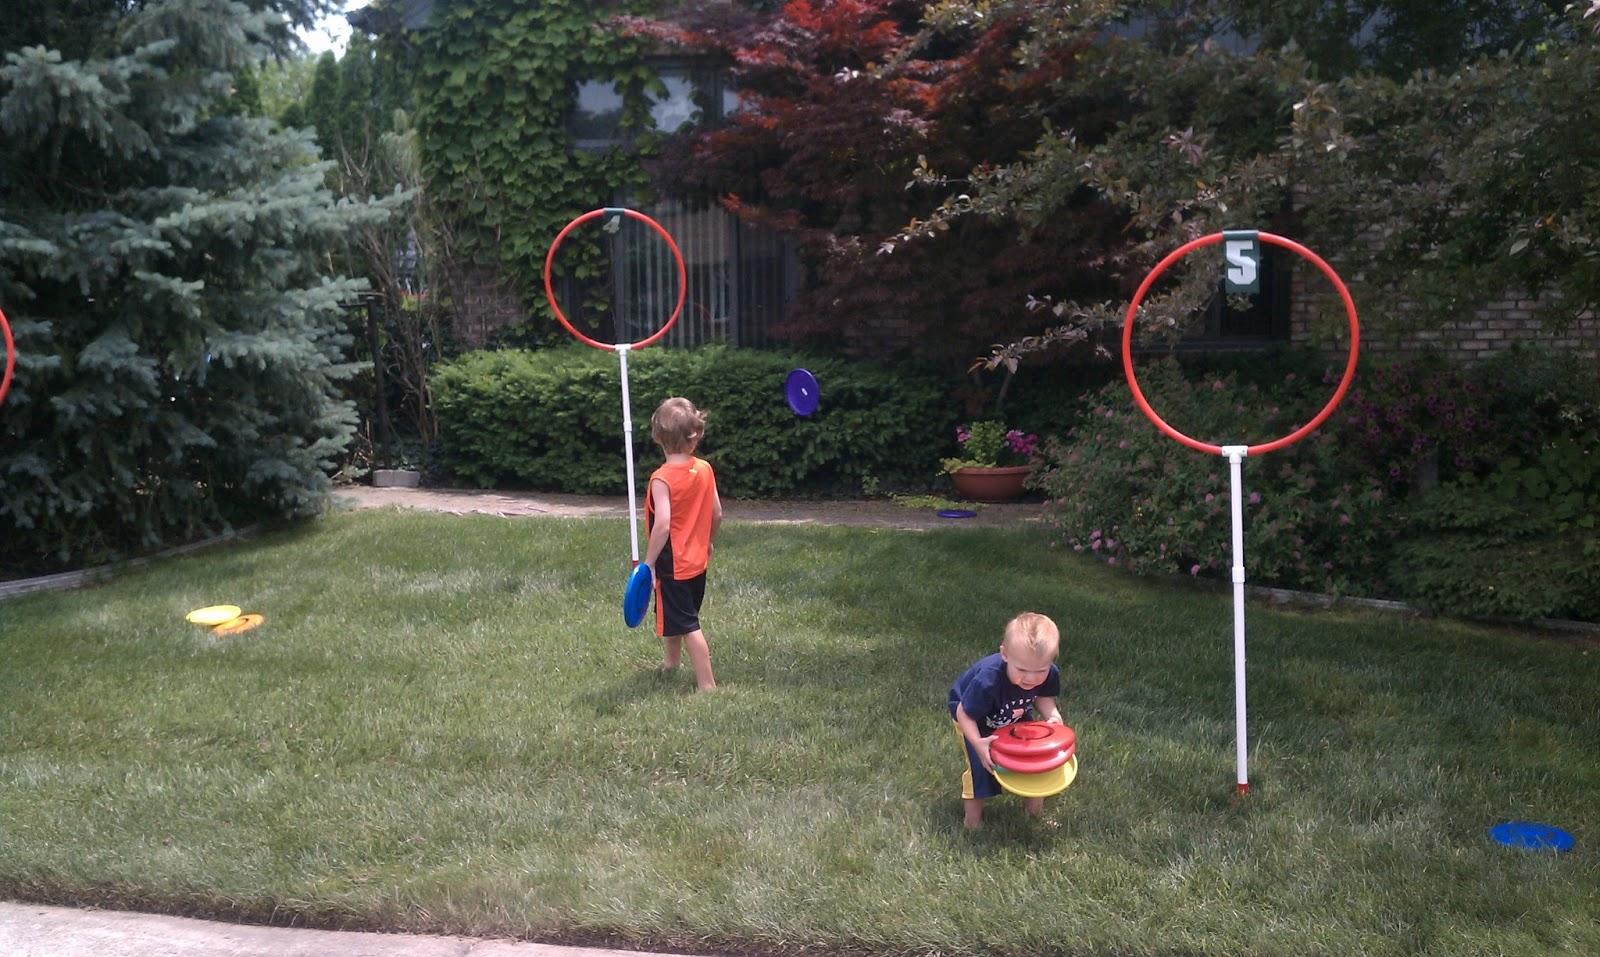 nude outdoor games